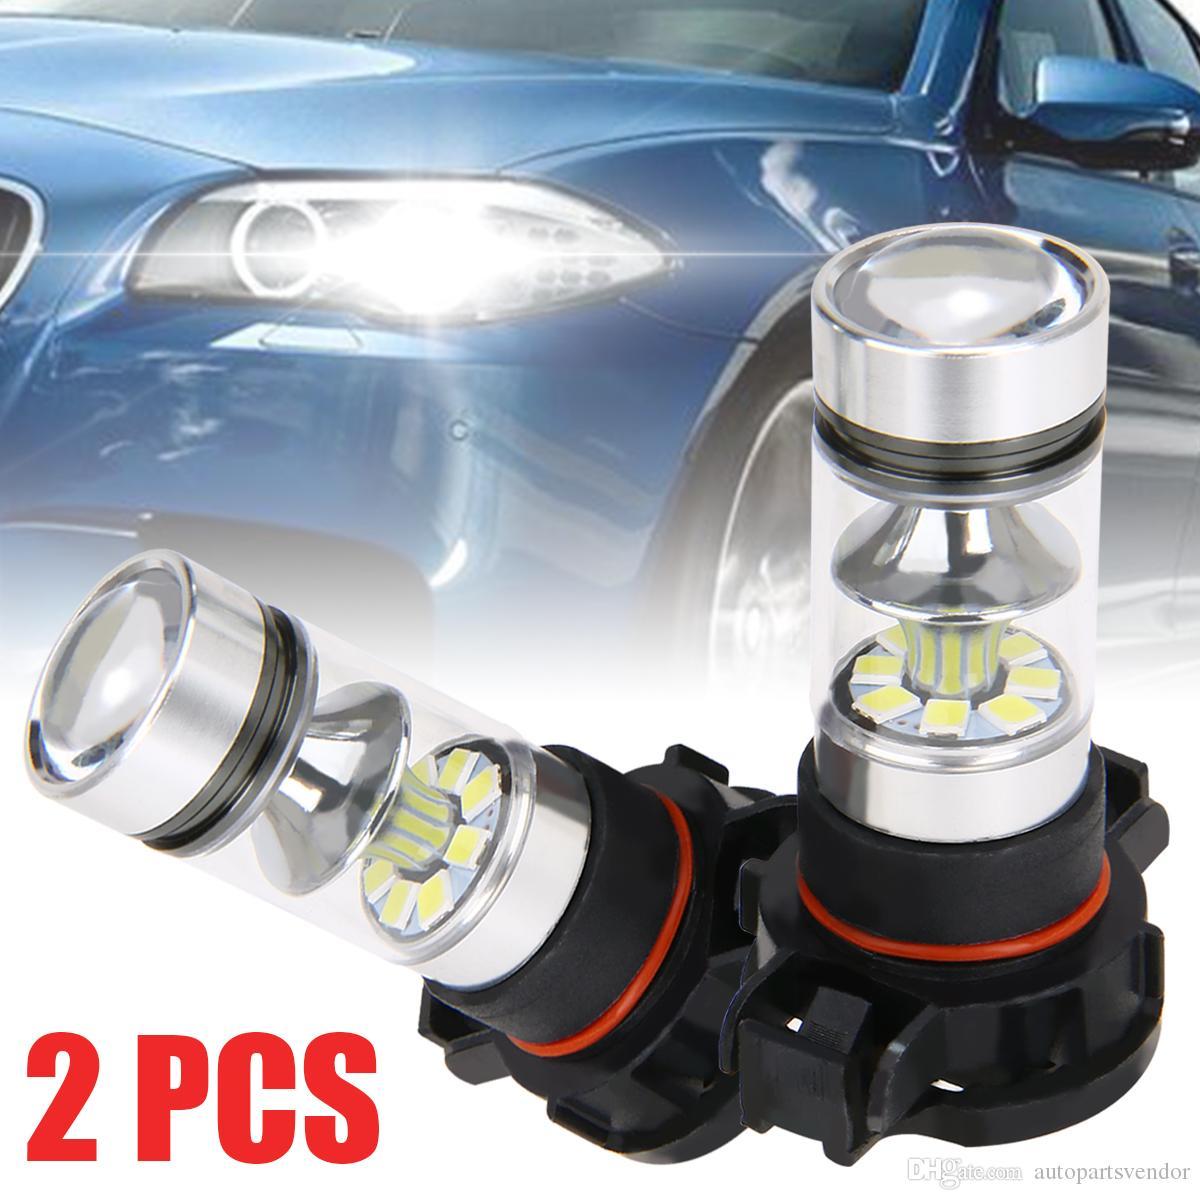 2x 5202 H16 PS24W haute puissance 100w 6000k Super White Led Fog D-rl Lumières Ampoule Day-Durée moto tête de la lampe ampoule blanche